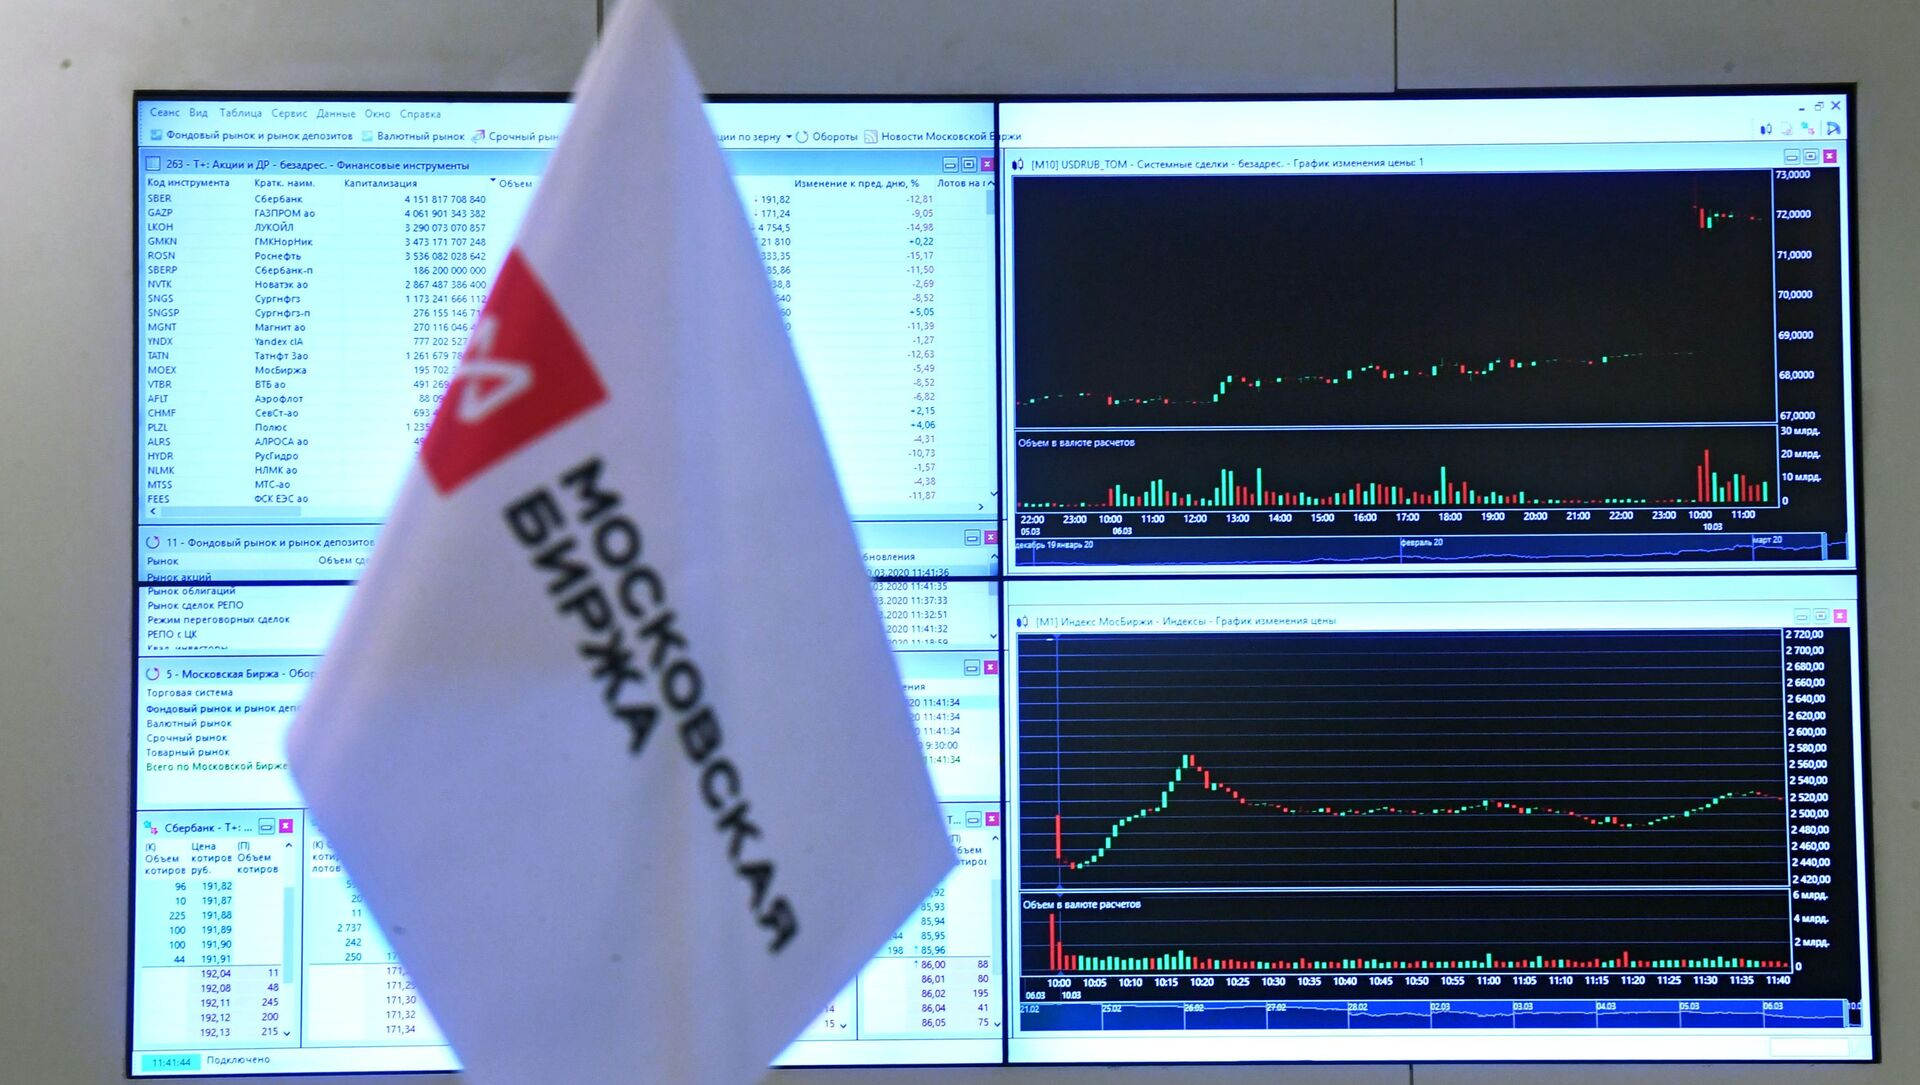 Monitor sa interaktivnim grafikama kursa dolara, evra i nafte na Moskovskoj berzi - Sputnik Srbija, 1920, 04.03.2021